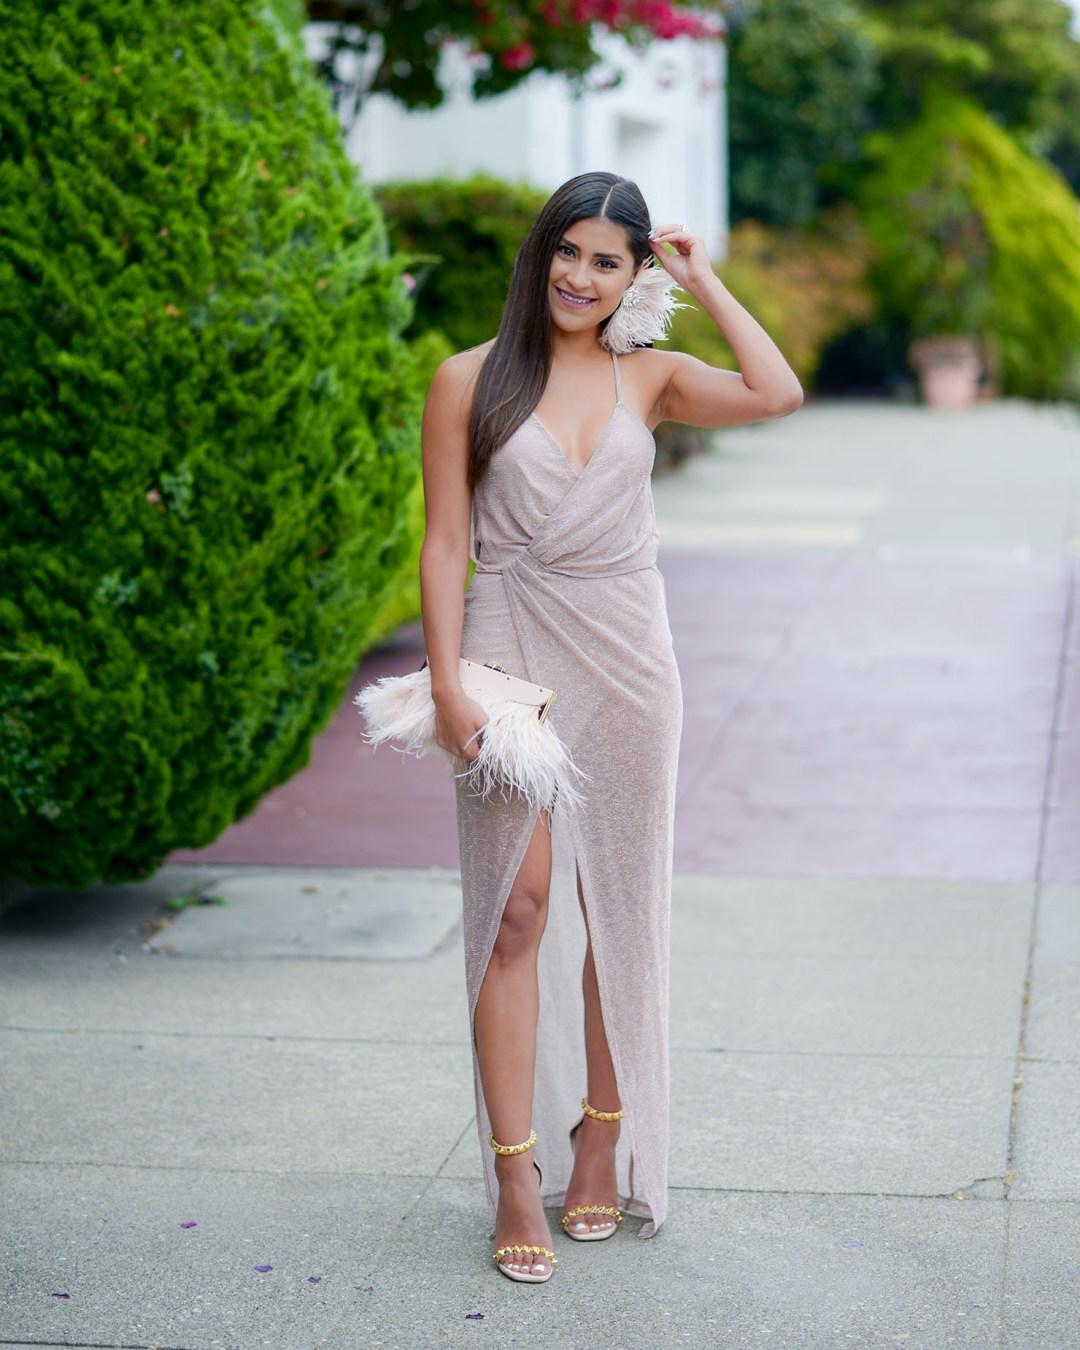 Lifestyle Blogger Kelsey Kaplan of Kelsey Kaplan Fashion wearing rose gold wrap dress and Stuart Weitzman sandals